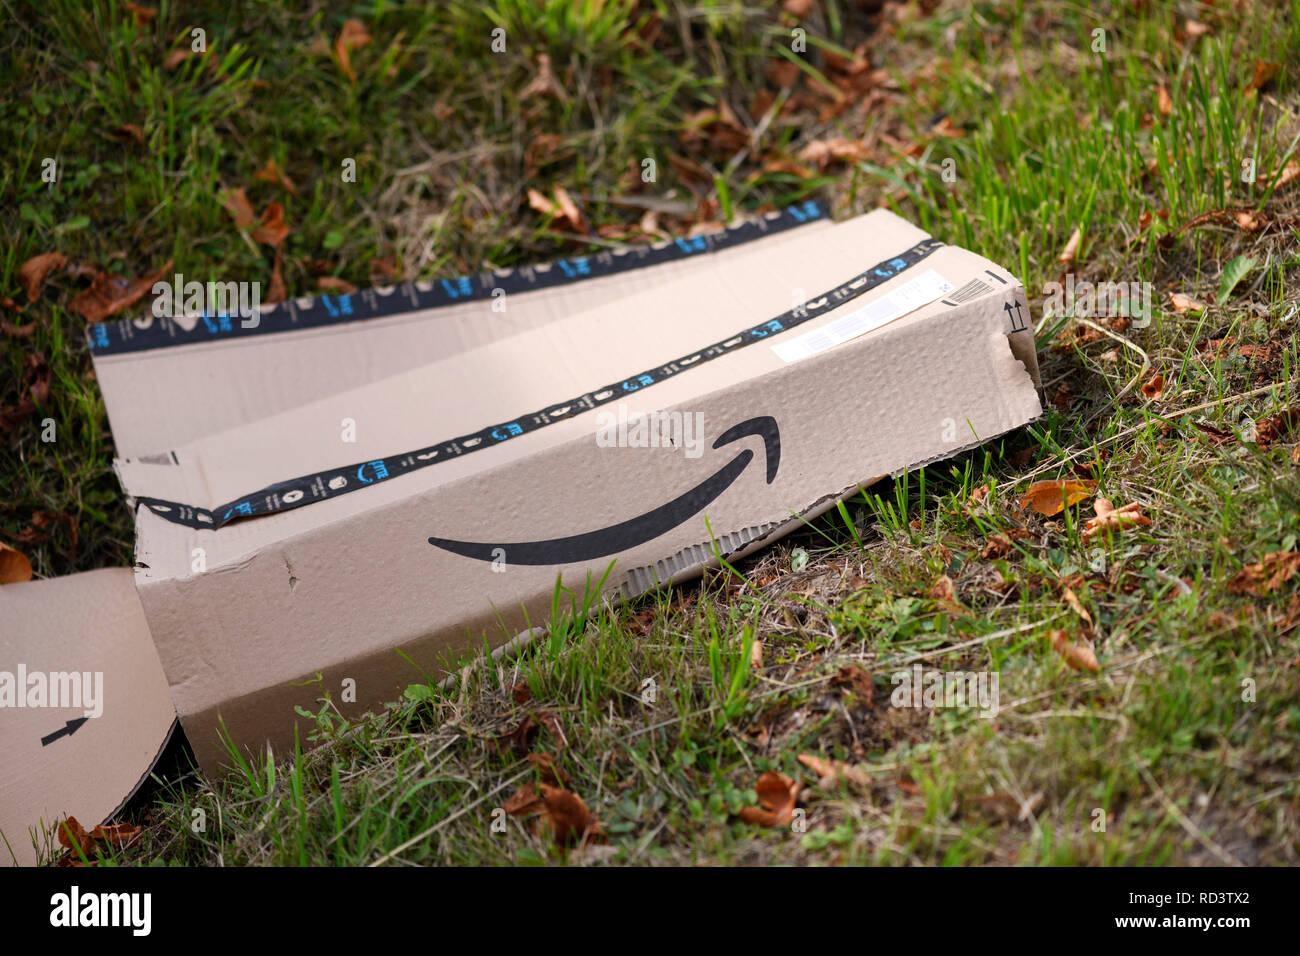 Dispatch cardboard of on-line trader amazon lies in the roadside ditch, Versandkarton von Onlinehändler amazon liegt im Straßengraben - Stock Image